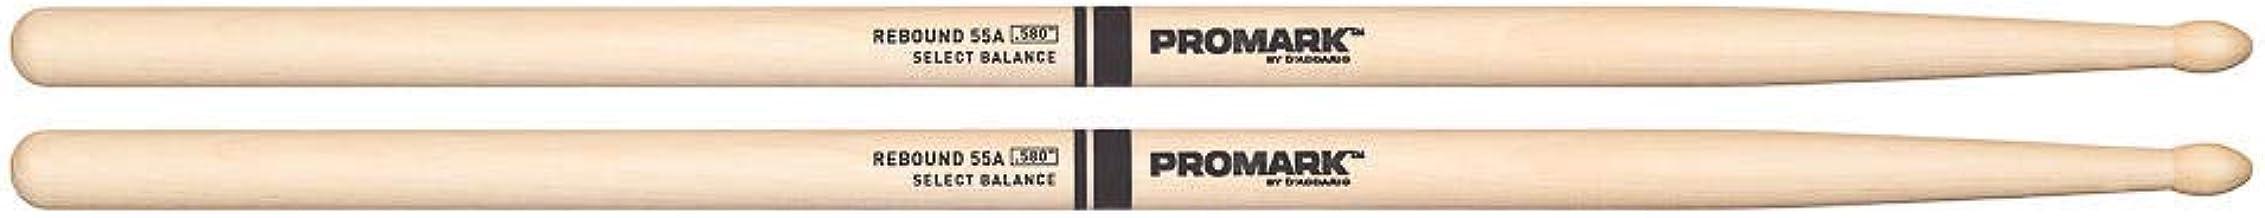 PROMARK プロマーク ドラムスティック セレクトバランス Rebound Balance 55A RBH580TW (406 x 14.7mm) 【国内正規品】